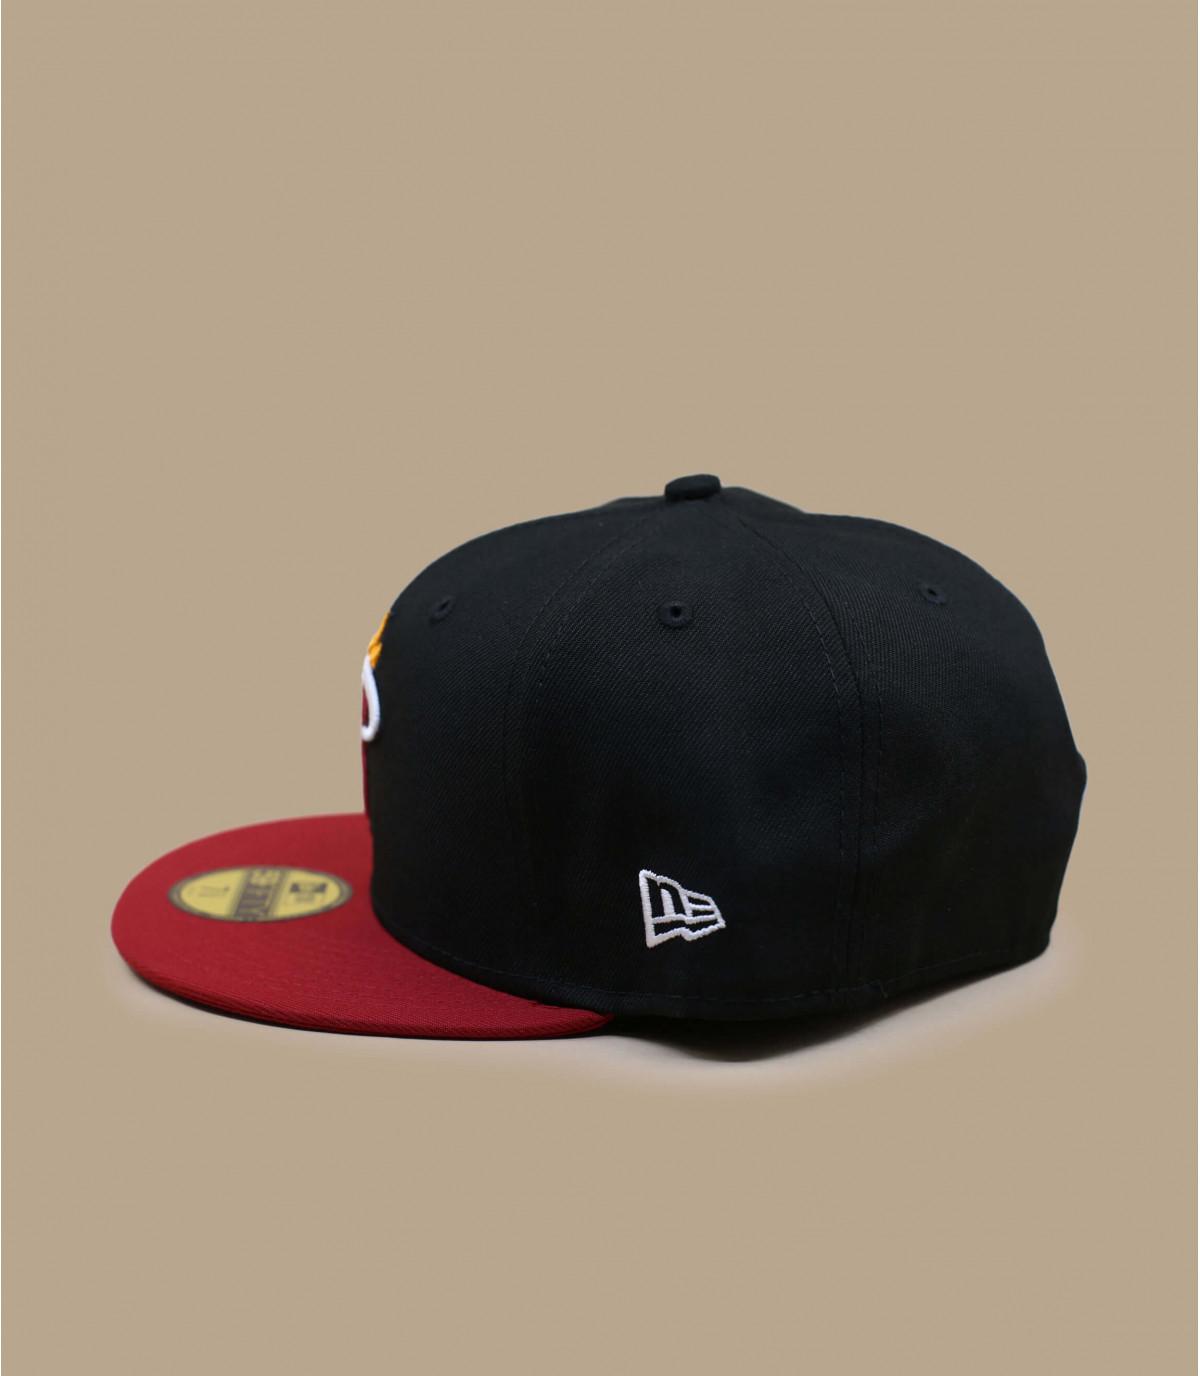 ... Détails Black Miami Heat Cap - image ... 657ea2a4a8e